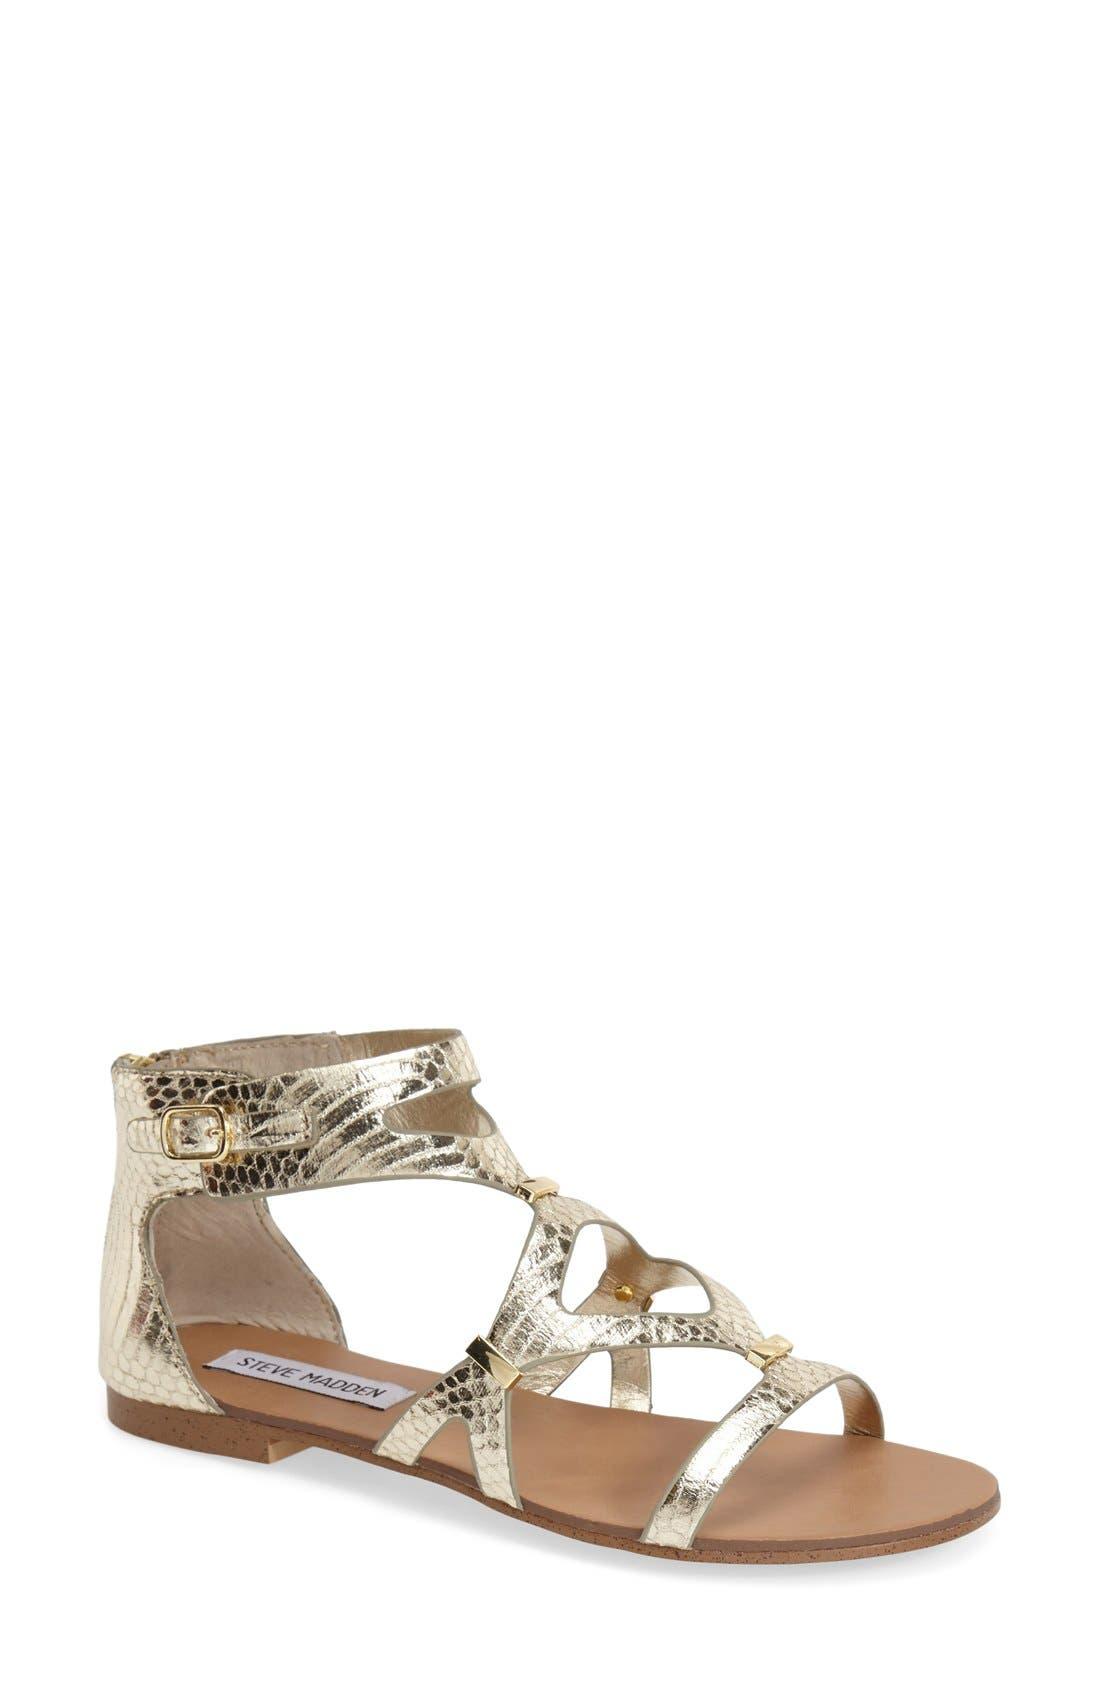 Main Image - Steve Madden 'Comly' Gladiator Sandal (Women)